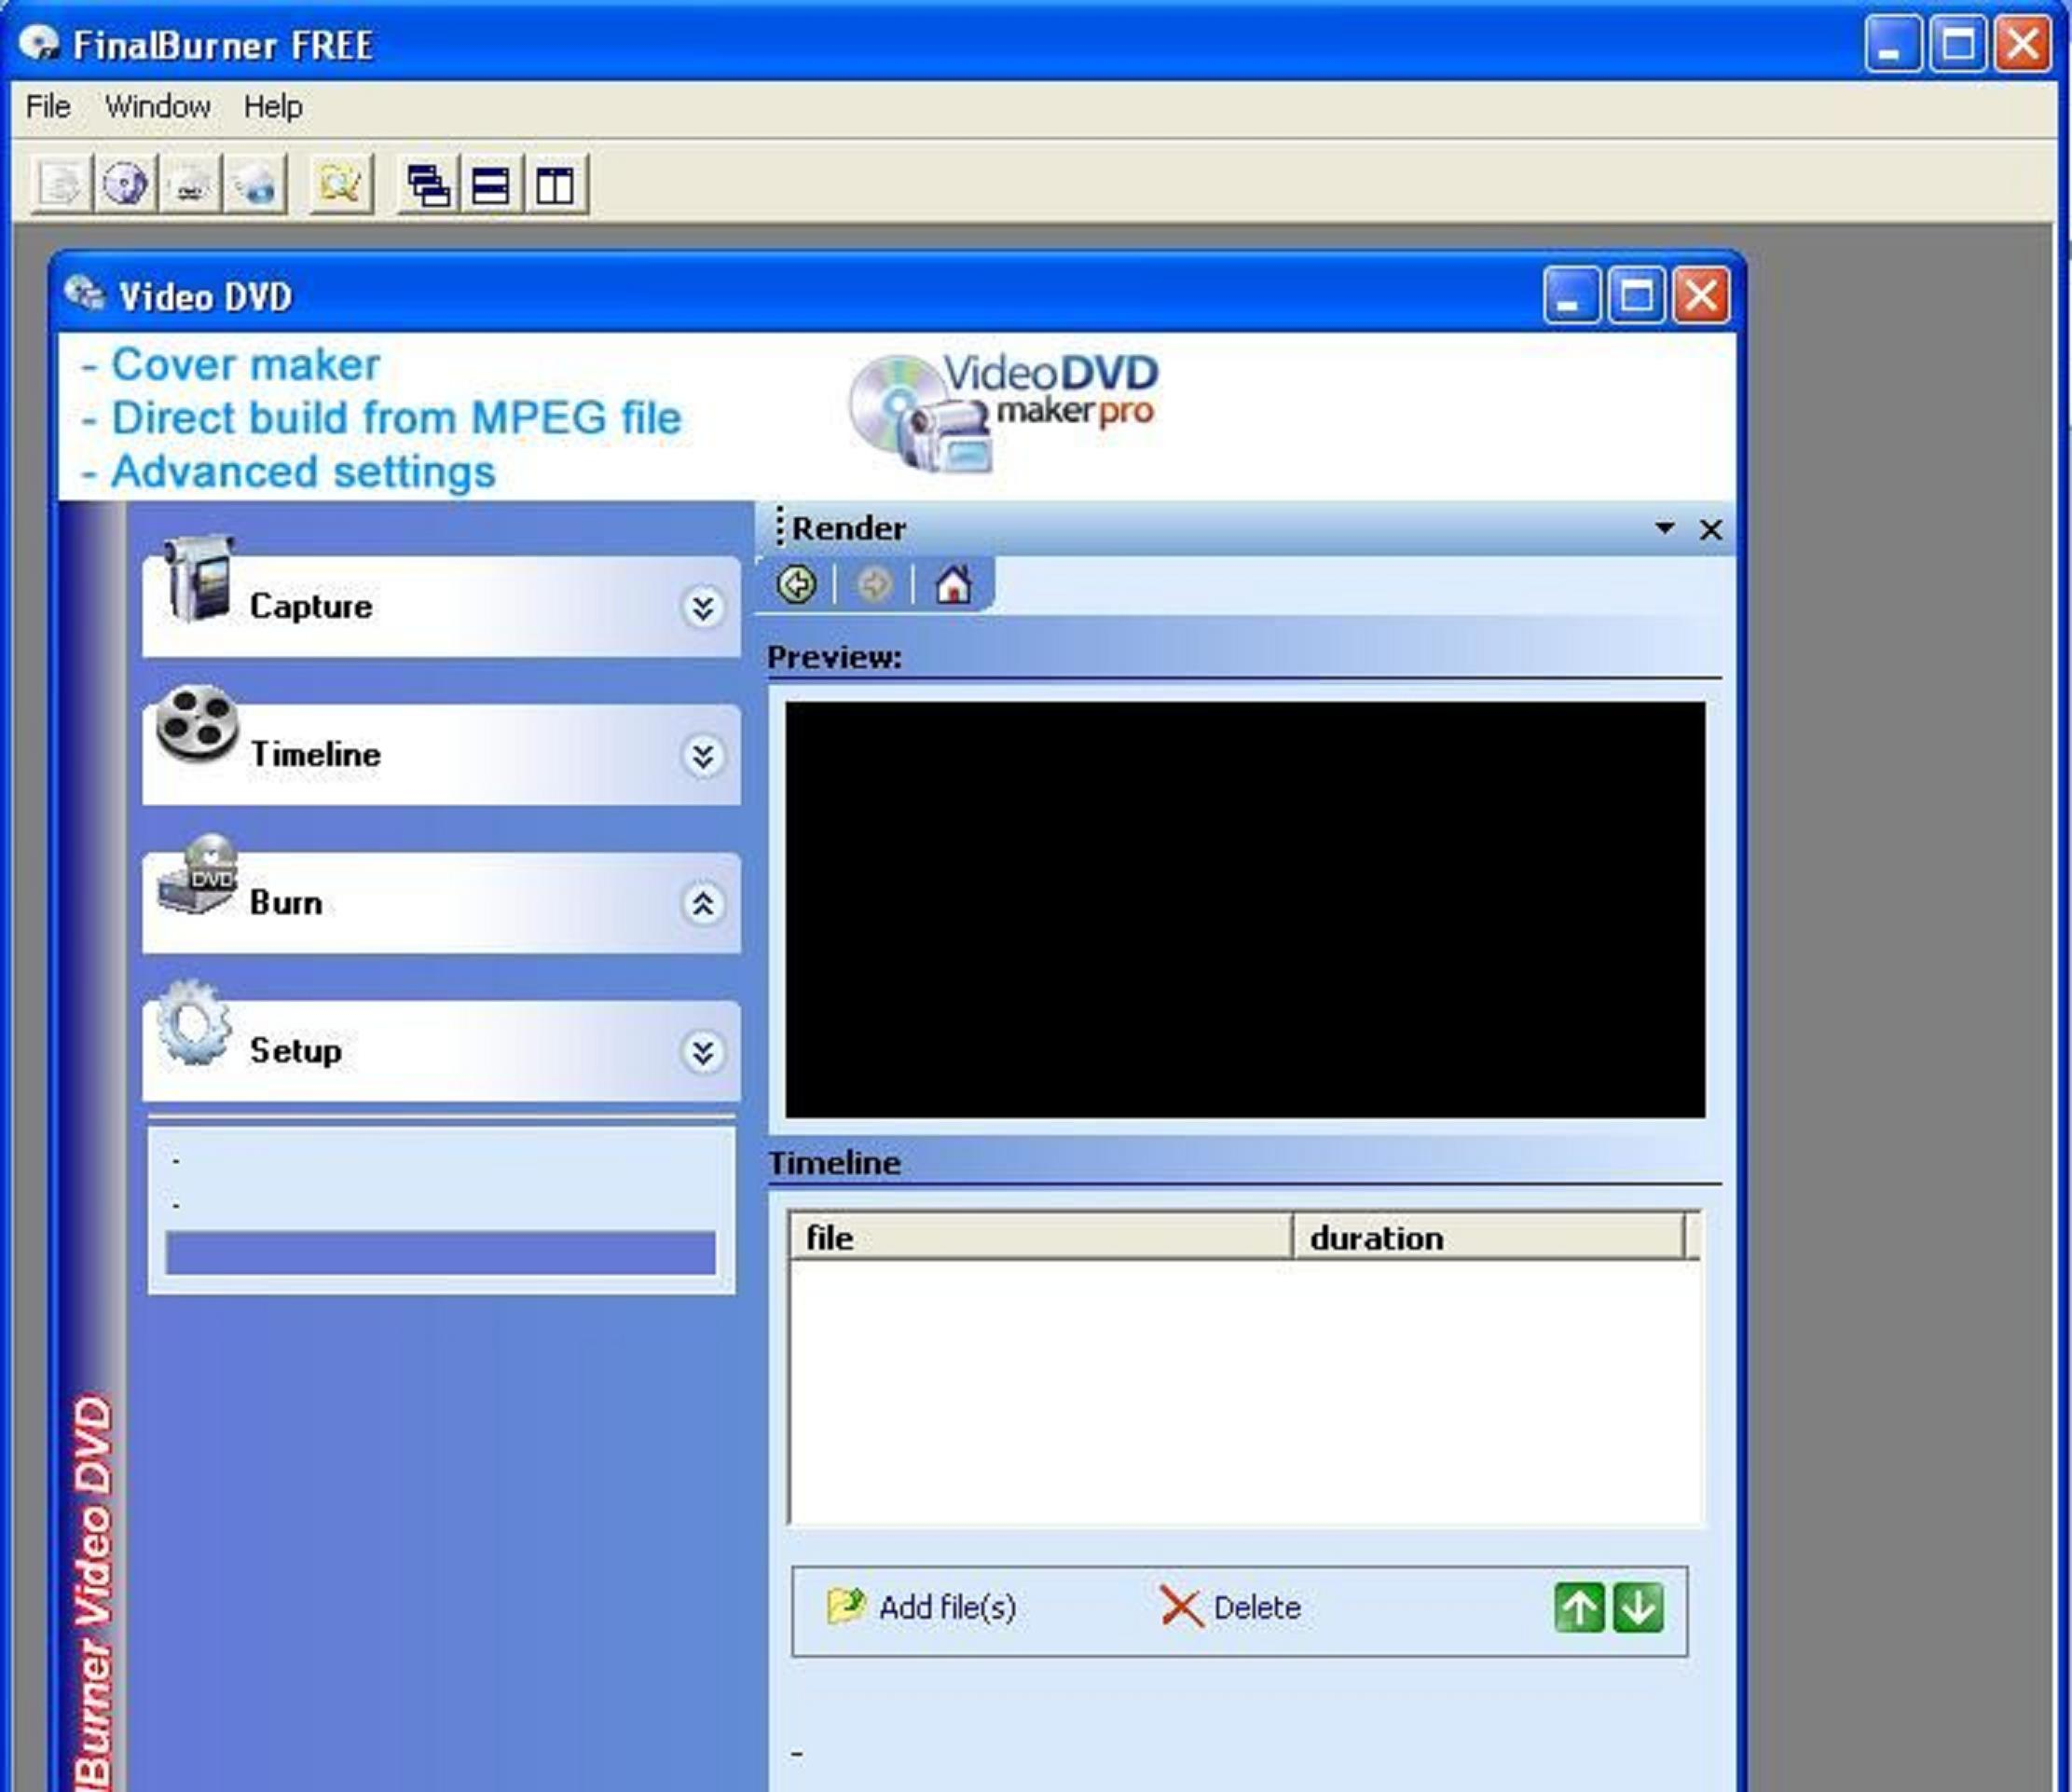 Скачать программу FinalBurner Free 2.13.0.163 бесплатно.